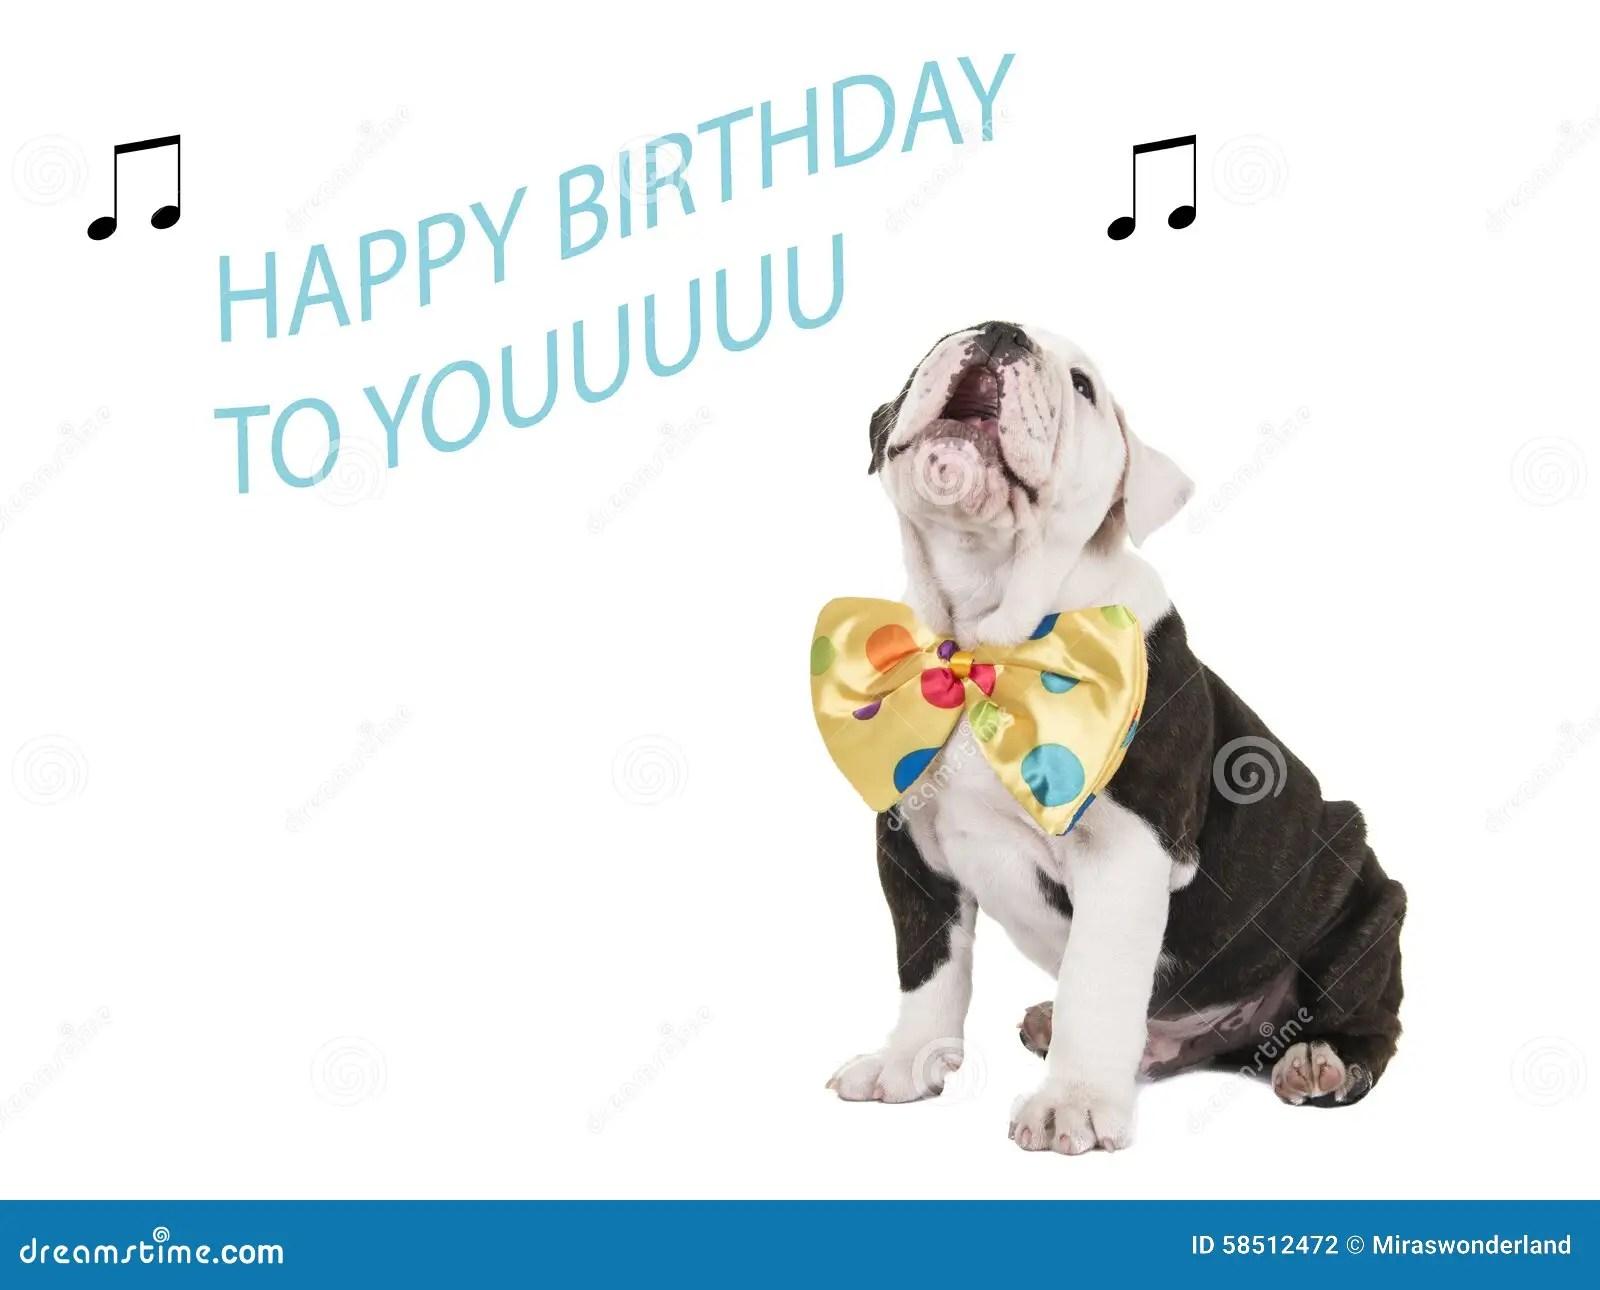 Birthday Card With English Bulldog Singing Stock Photo